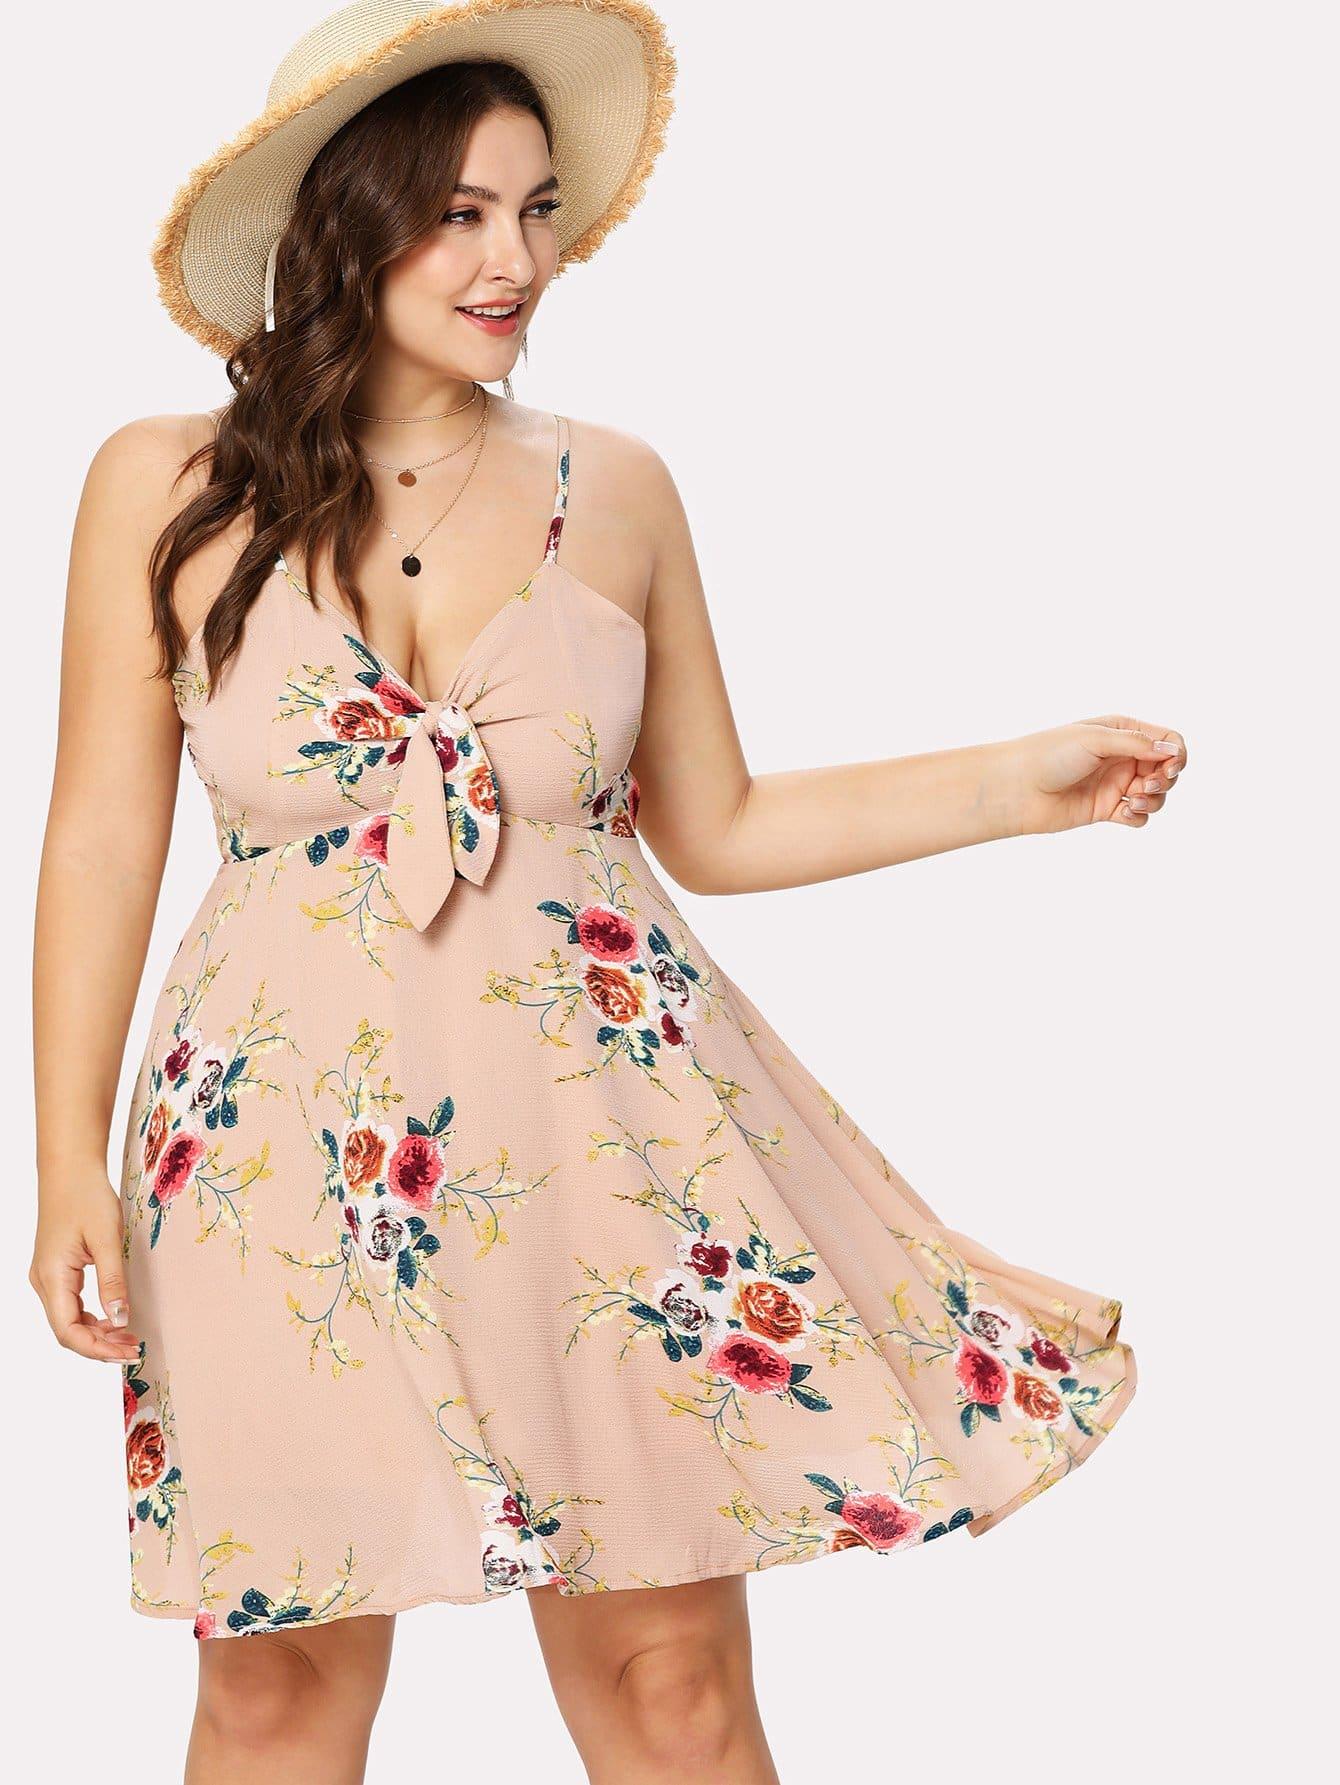 Plus Self Tie Floral Print Cami Dress self tie floral